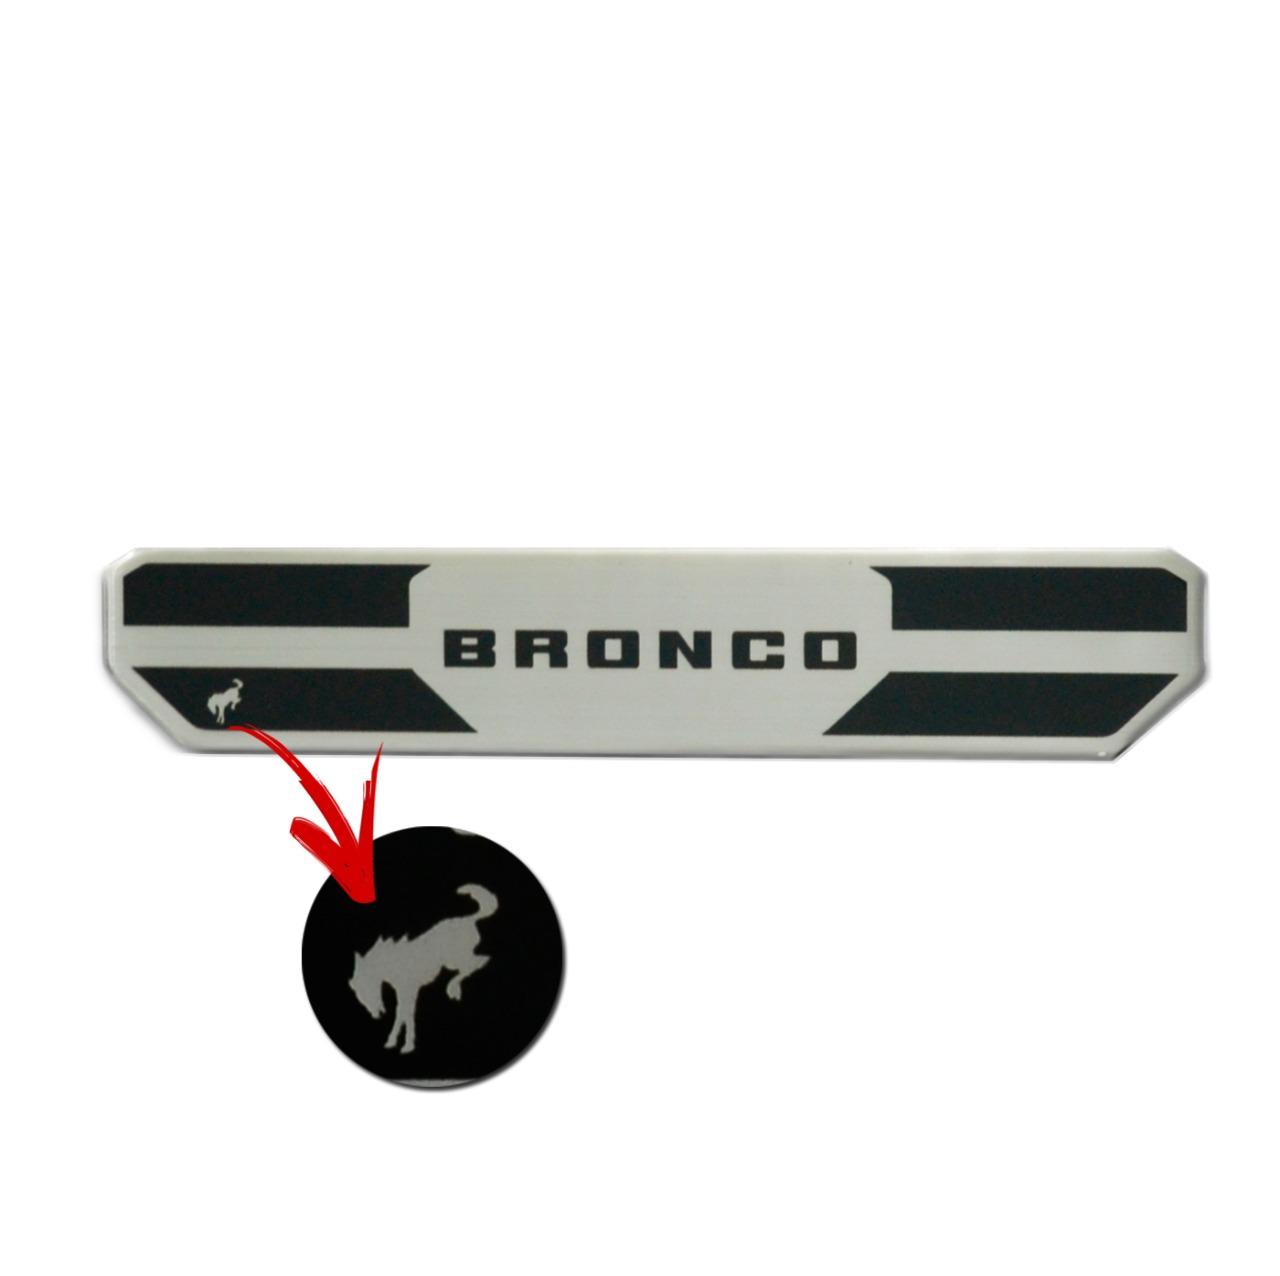 Soleira Porta Bronco Resinada Premium Aço Escovado NP